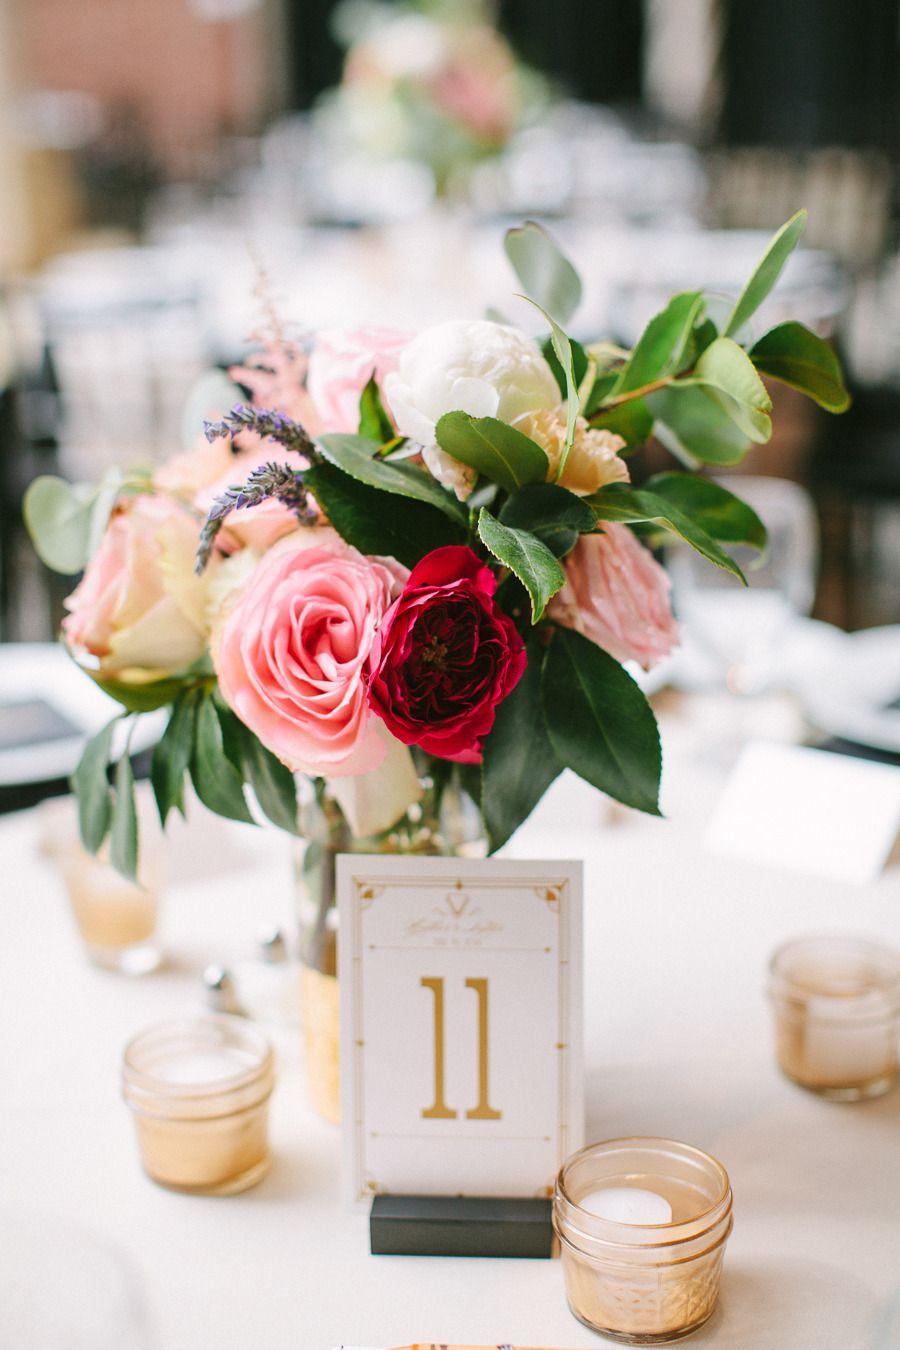 Diy elegant wedding decorations  Glamorous DIY Wedding at the Dayton Ohio Art Institute  Glamorous